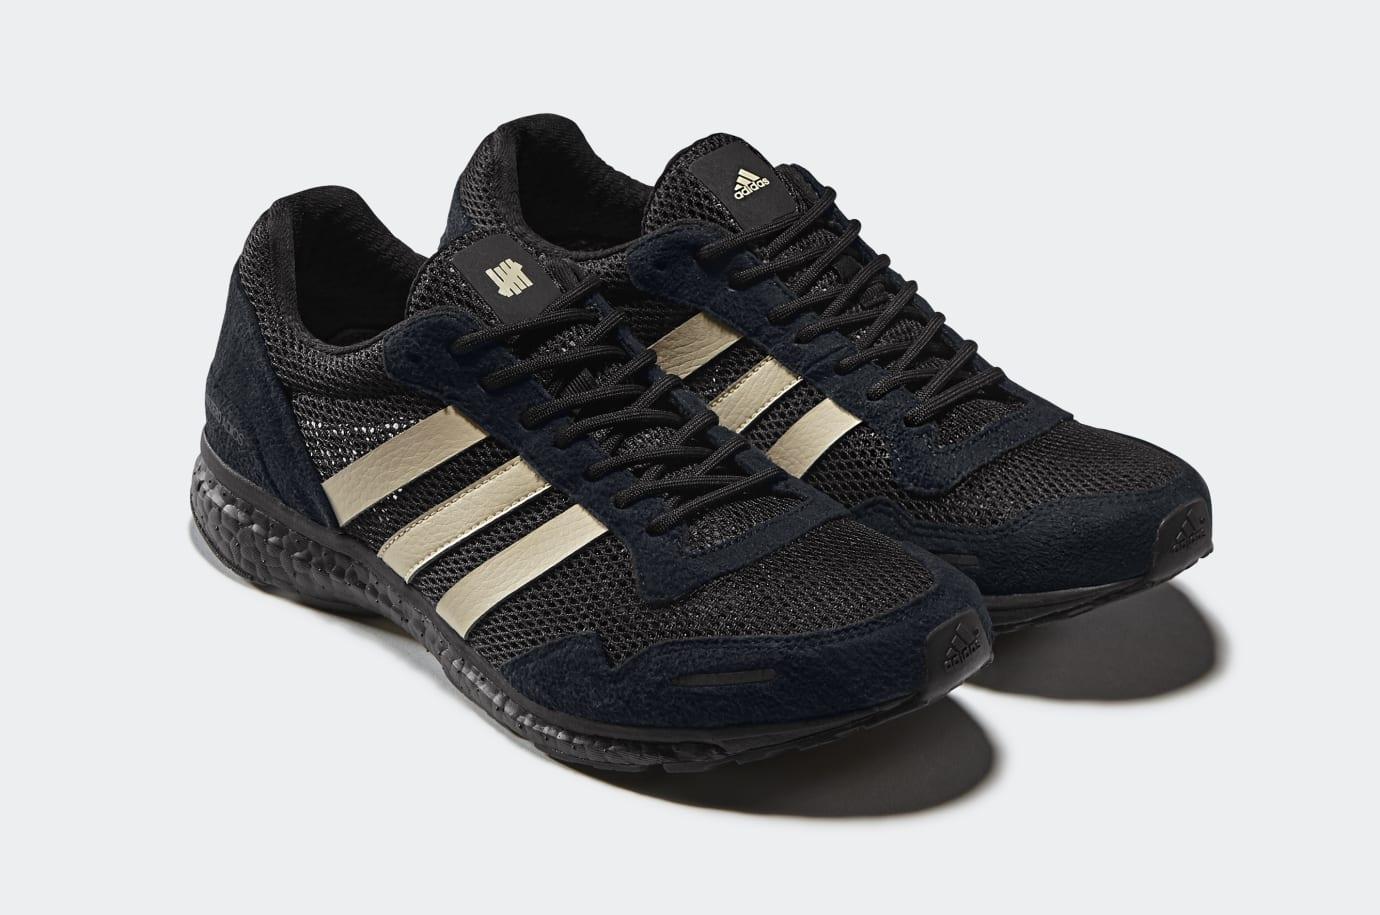 Undefeated x Adidas adiZero Adios 3 B22483 (Pair)